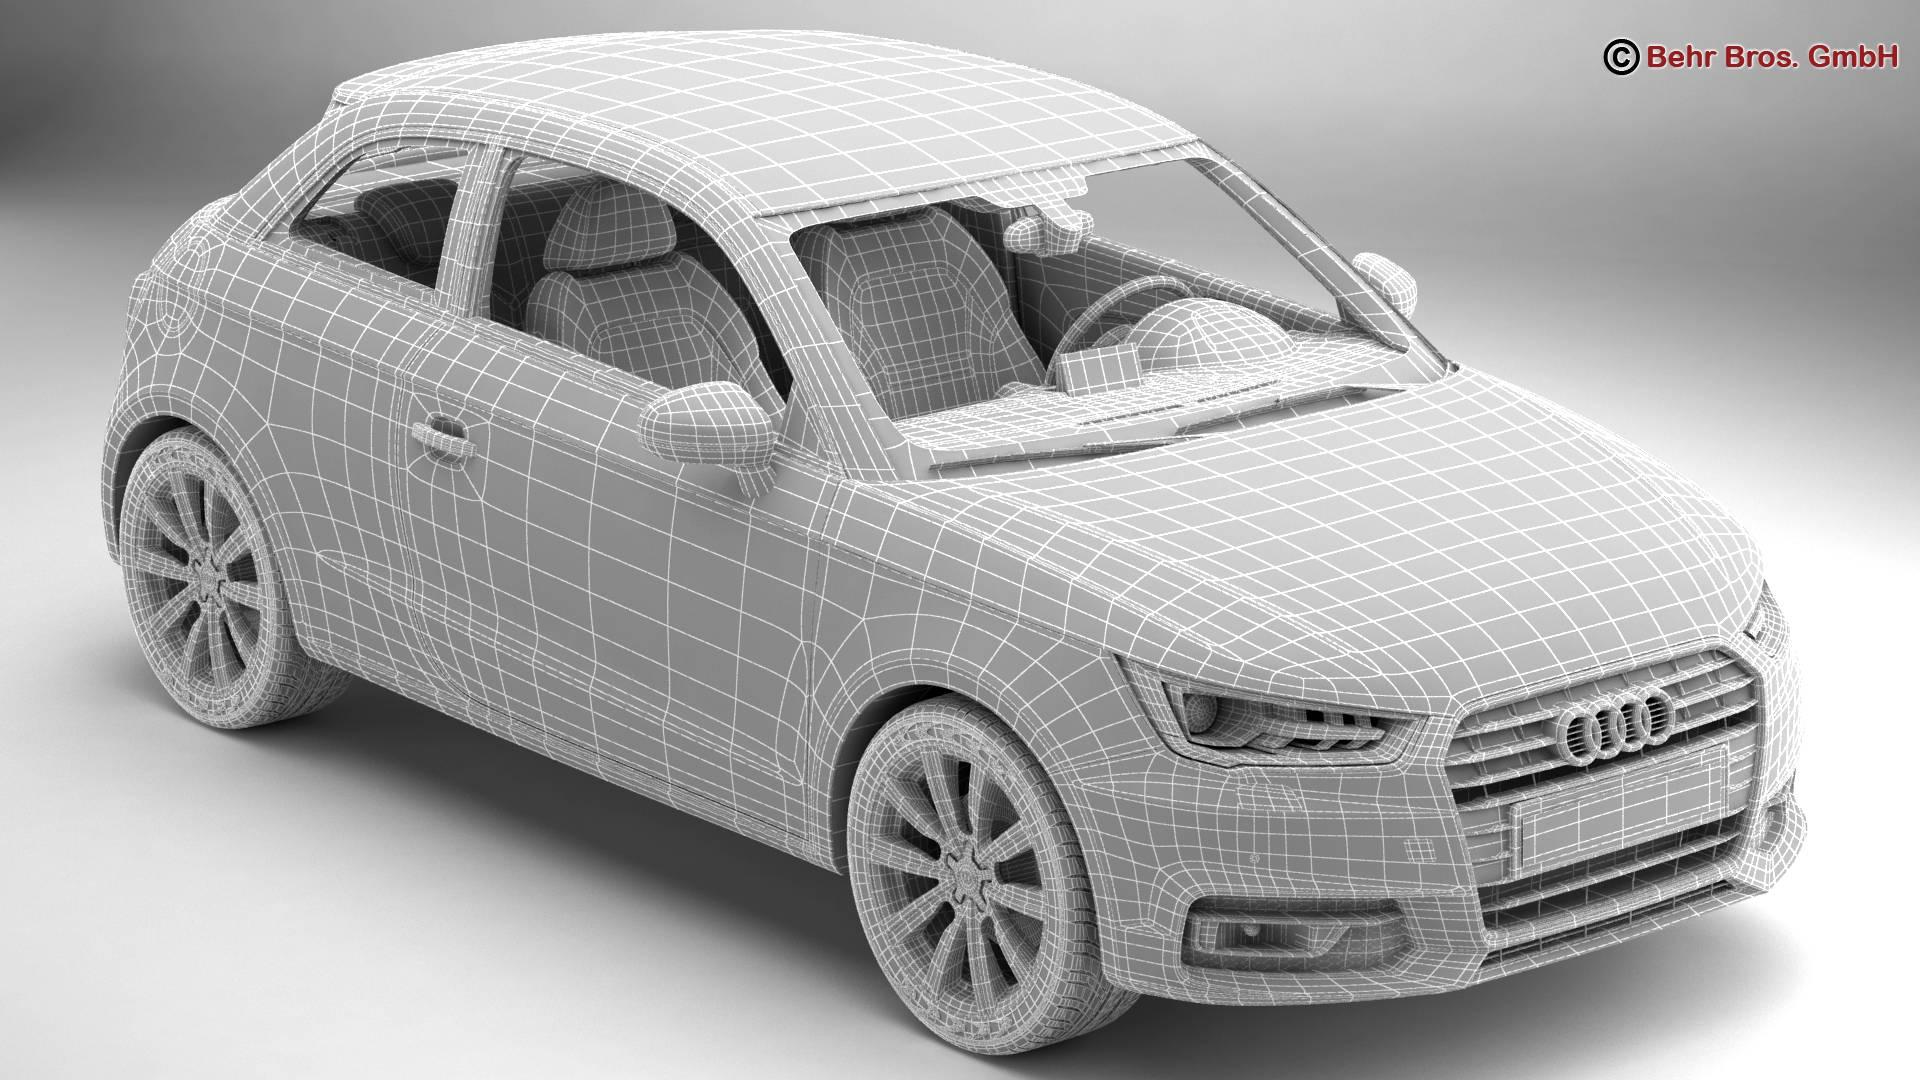 Audi a1 2015 3d model 3ds max fbx c4d am fwy o wybodaeth 214709